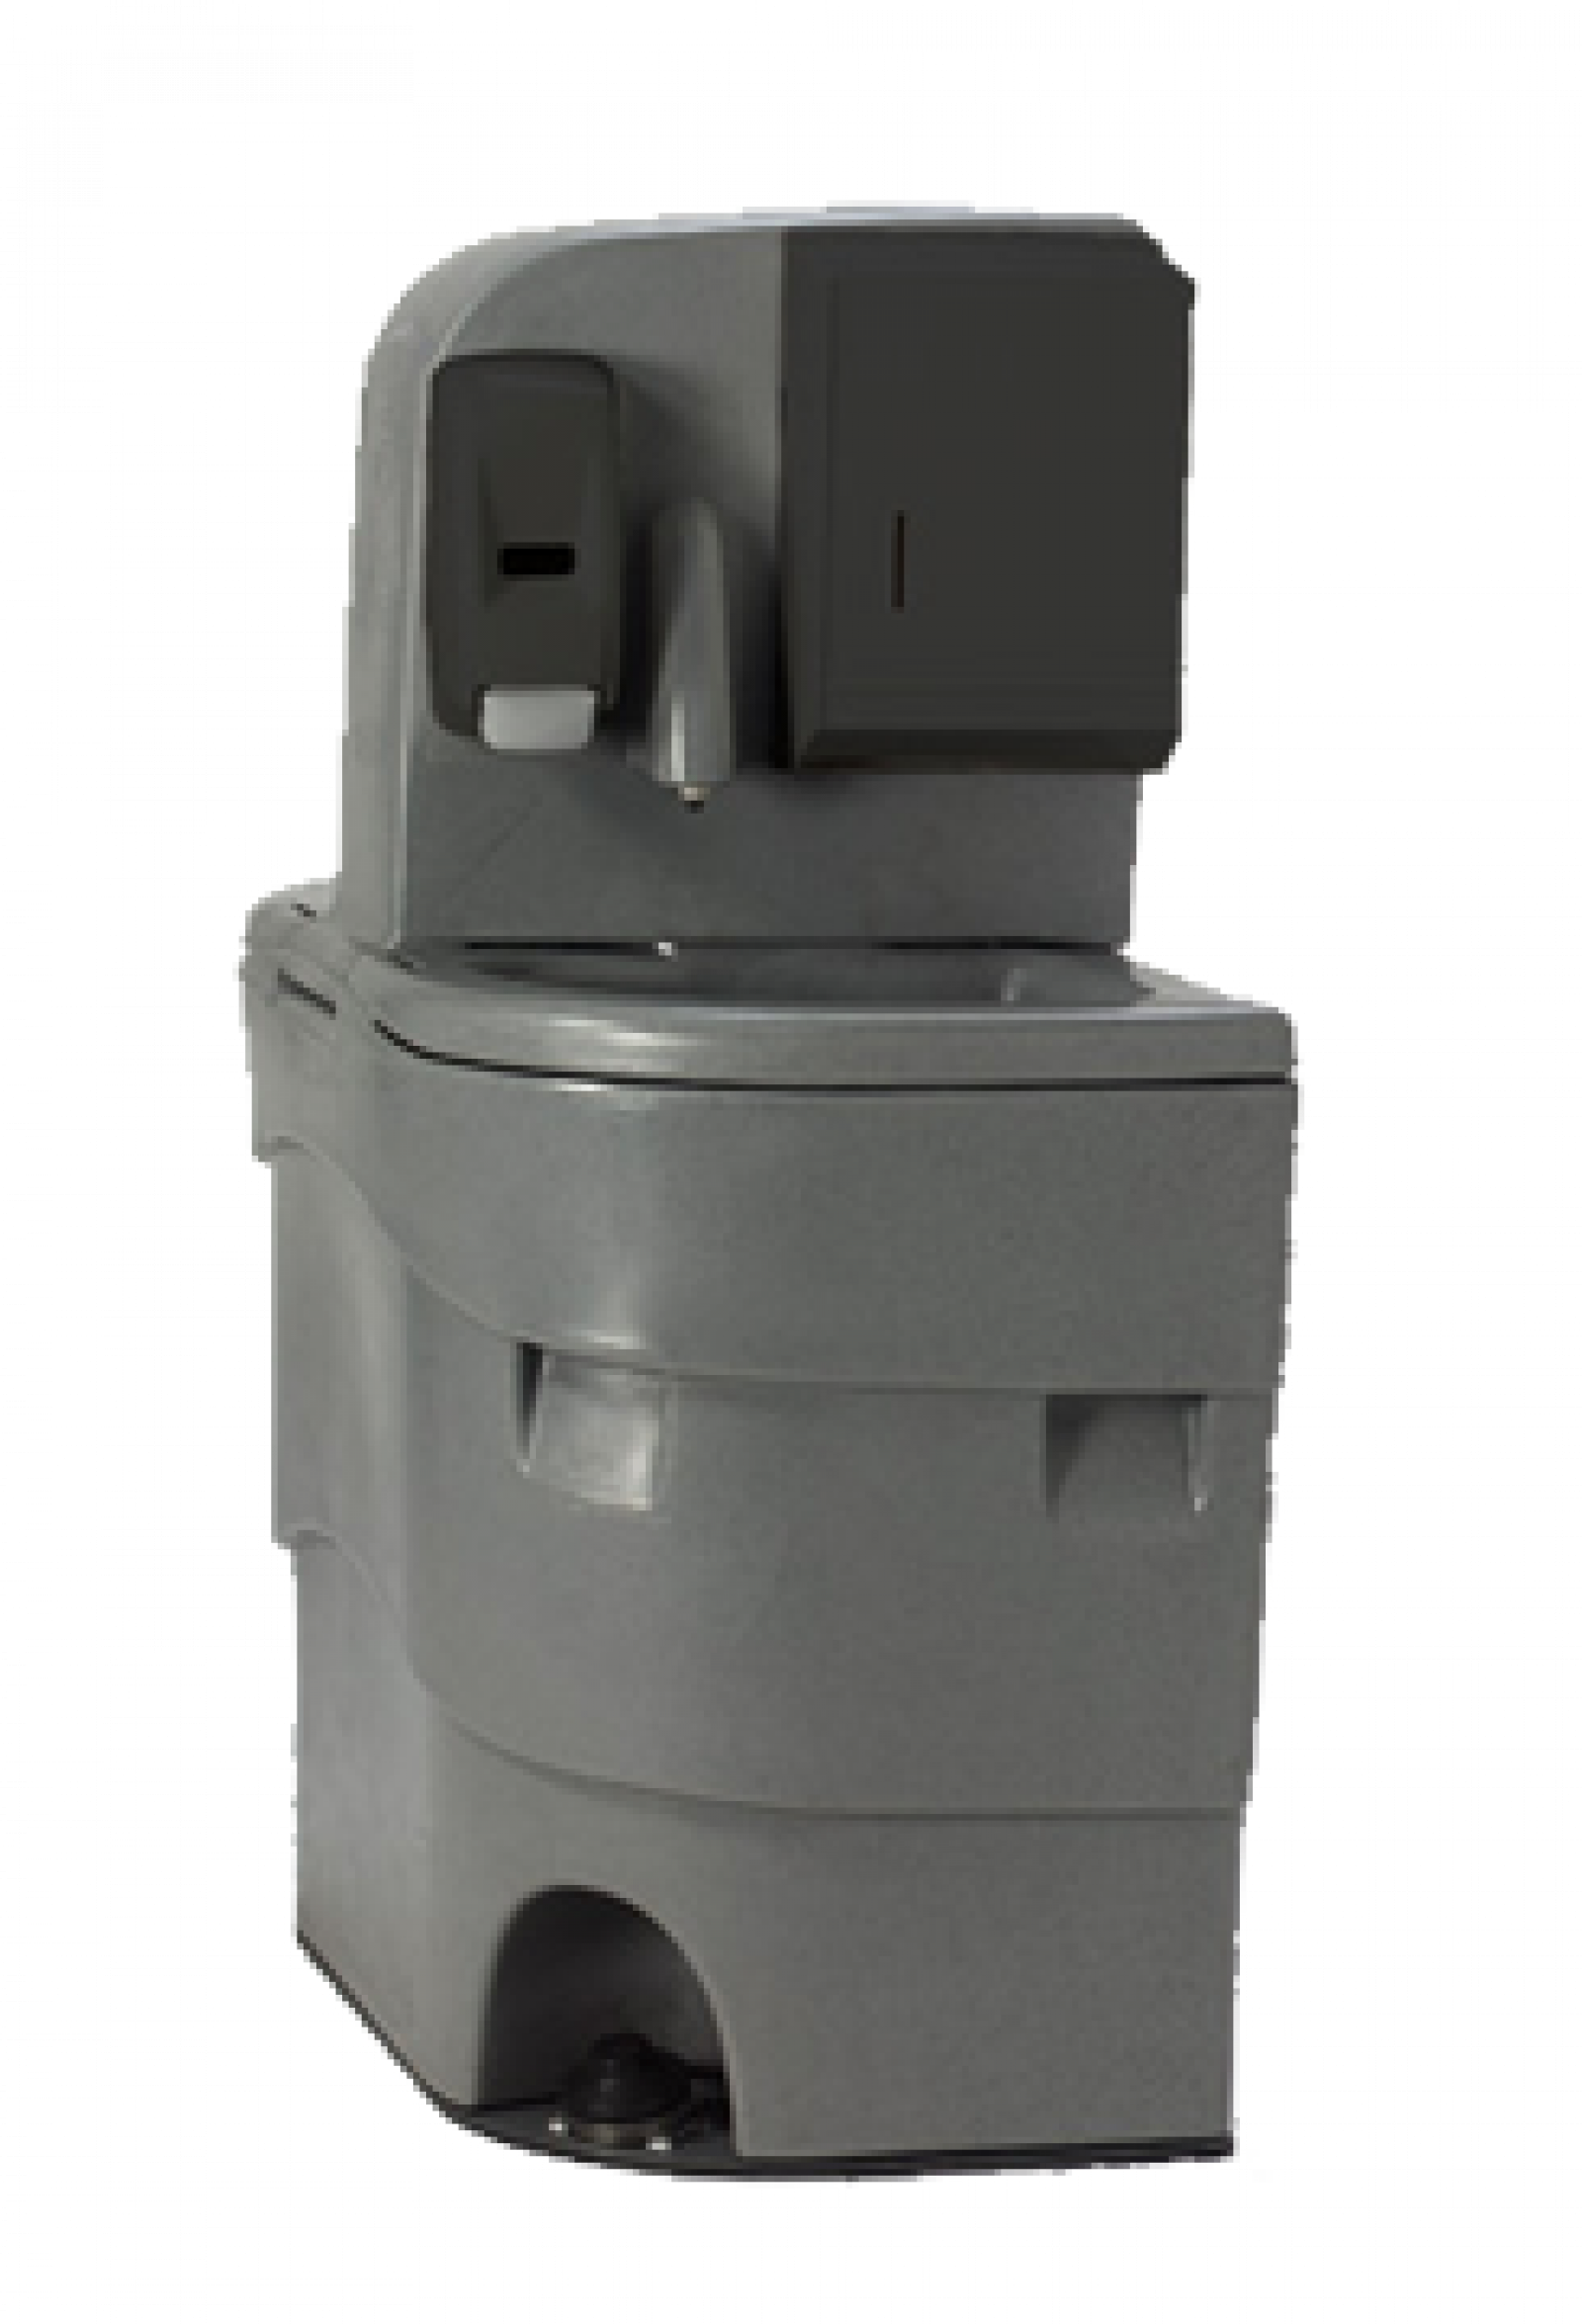 c7f3646a5 Osobitné stojace umývadlo s nožnou pumpou na vodu